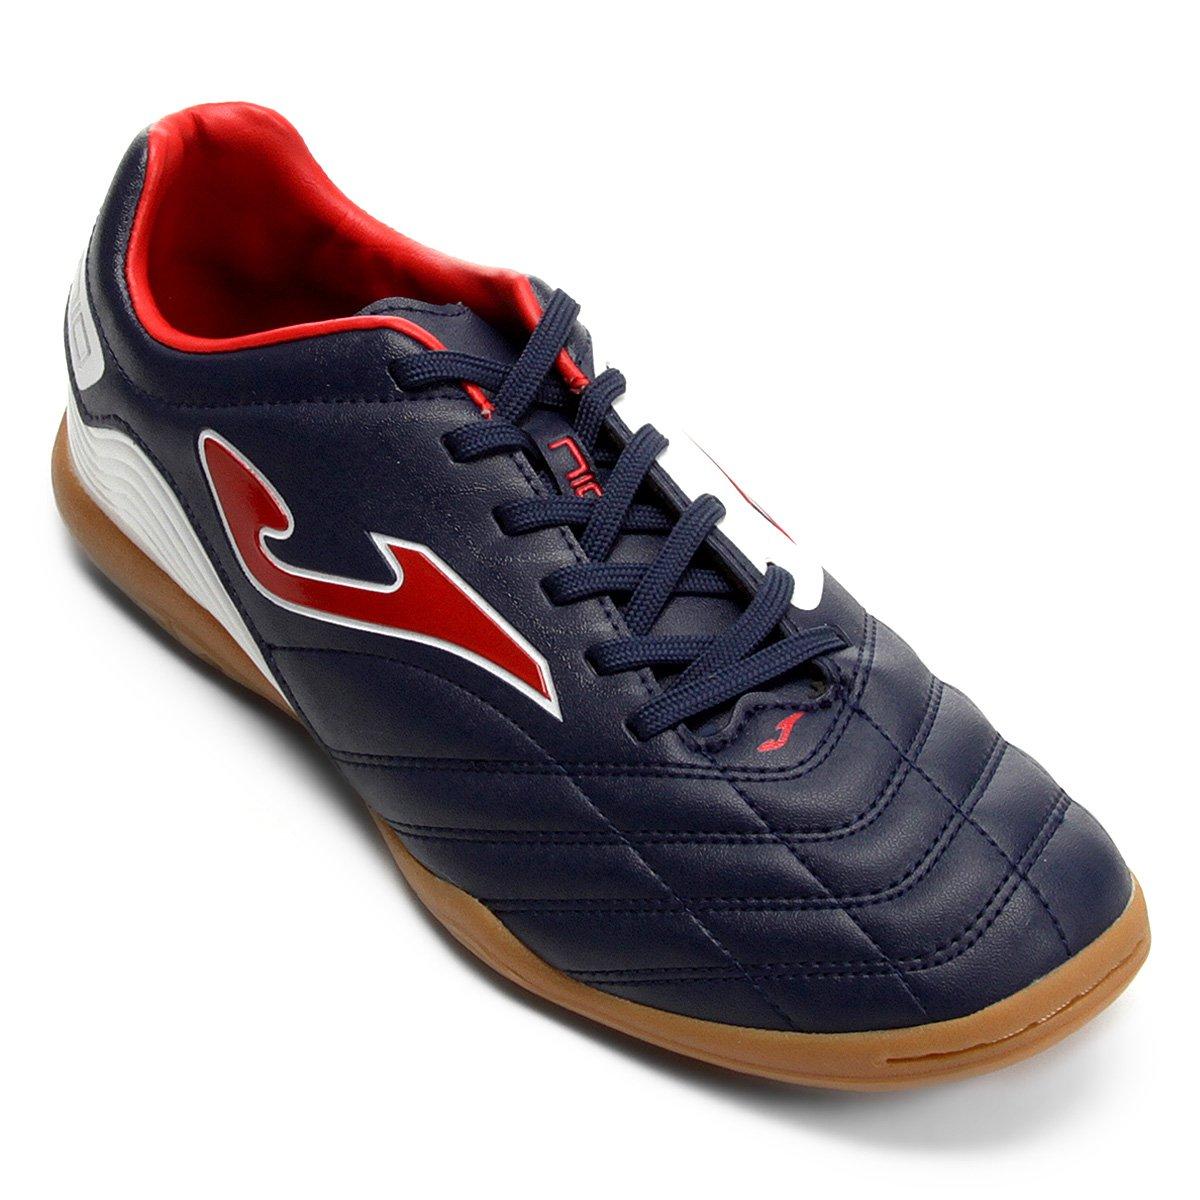 94cdc7a370 Chuteira de Futsal Joma Número 10 IN